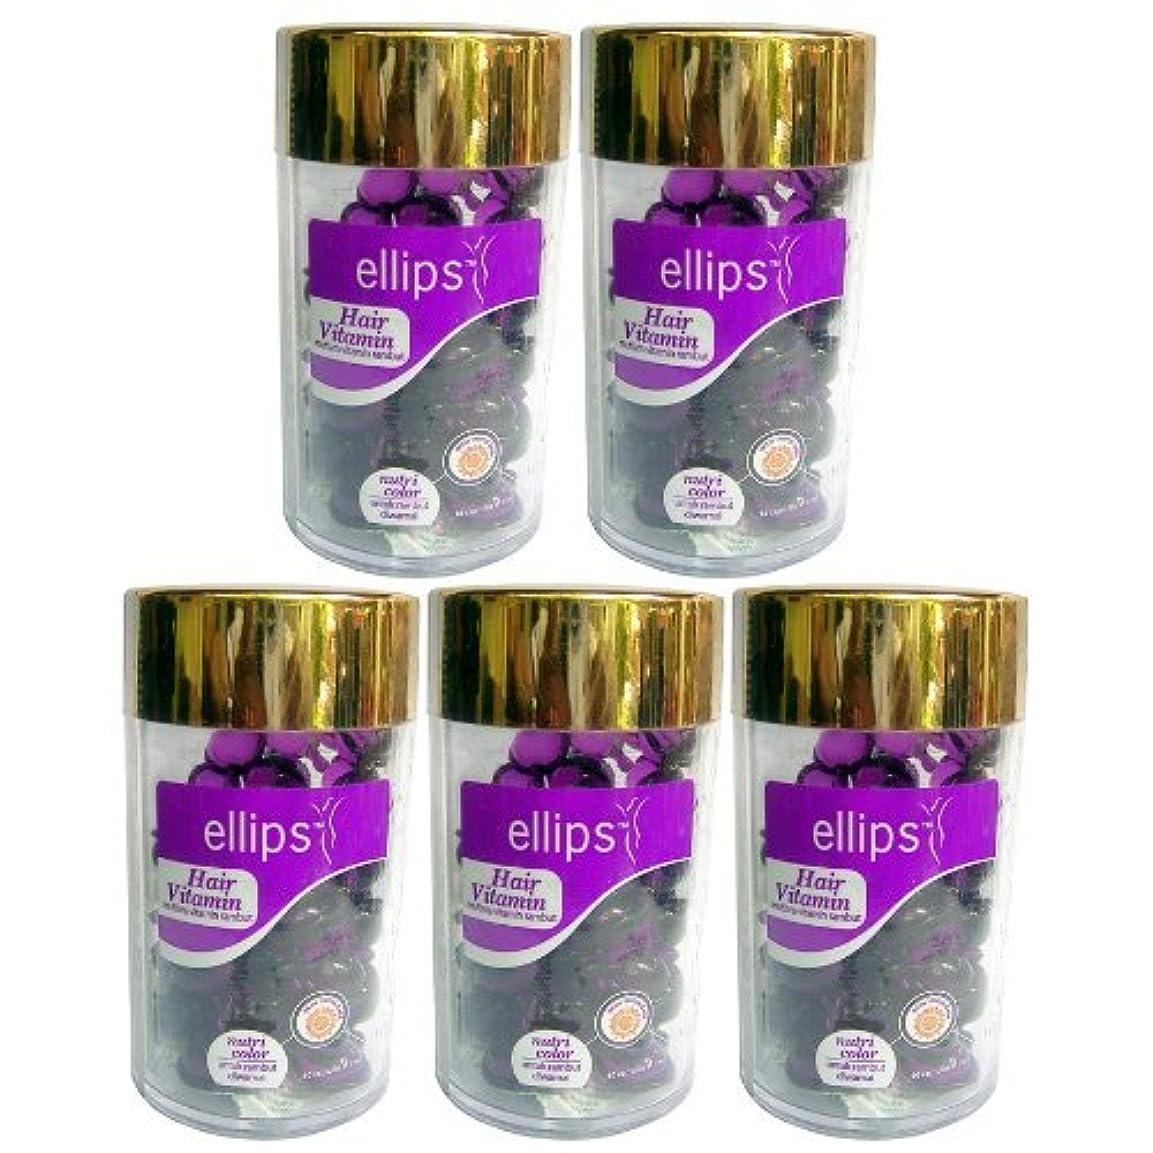 入場料テセウス厚くするEllips(エリプス)ヘアビタミン(50粒入)5個セット [並行輸入品][海外直送品] パープル